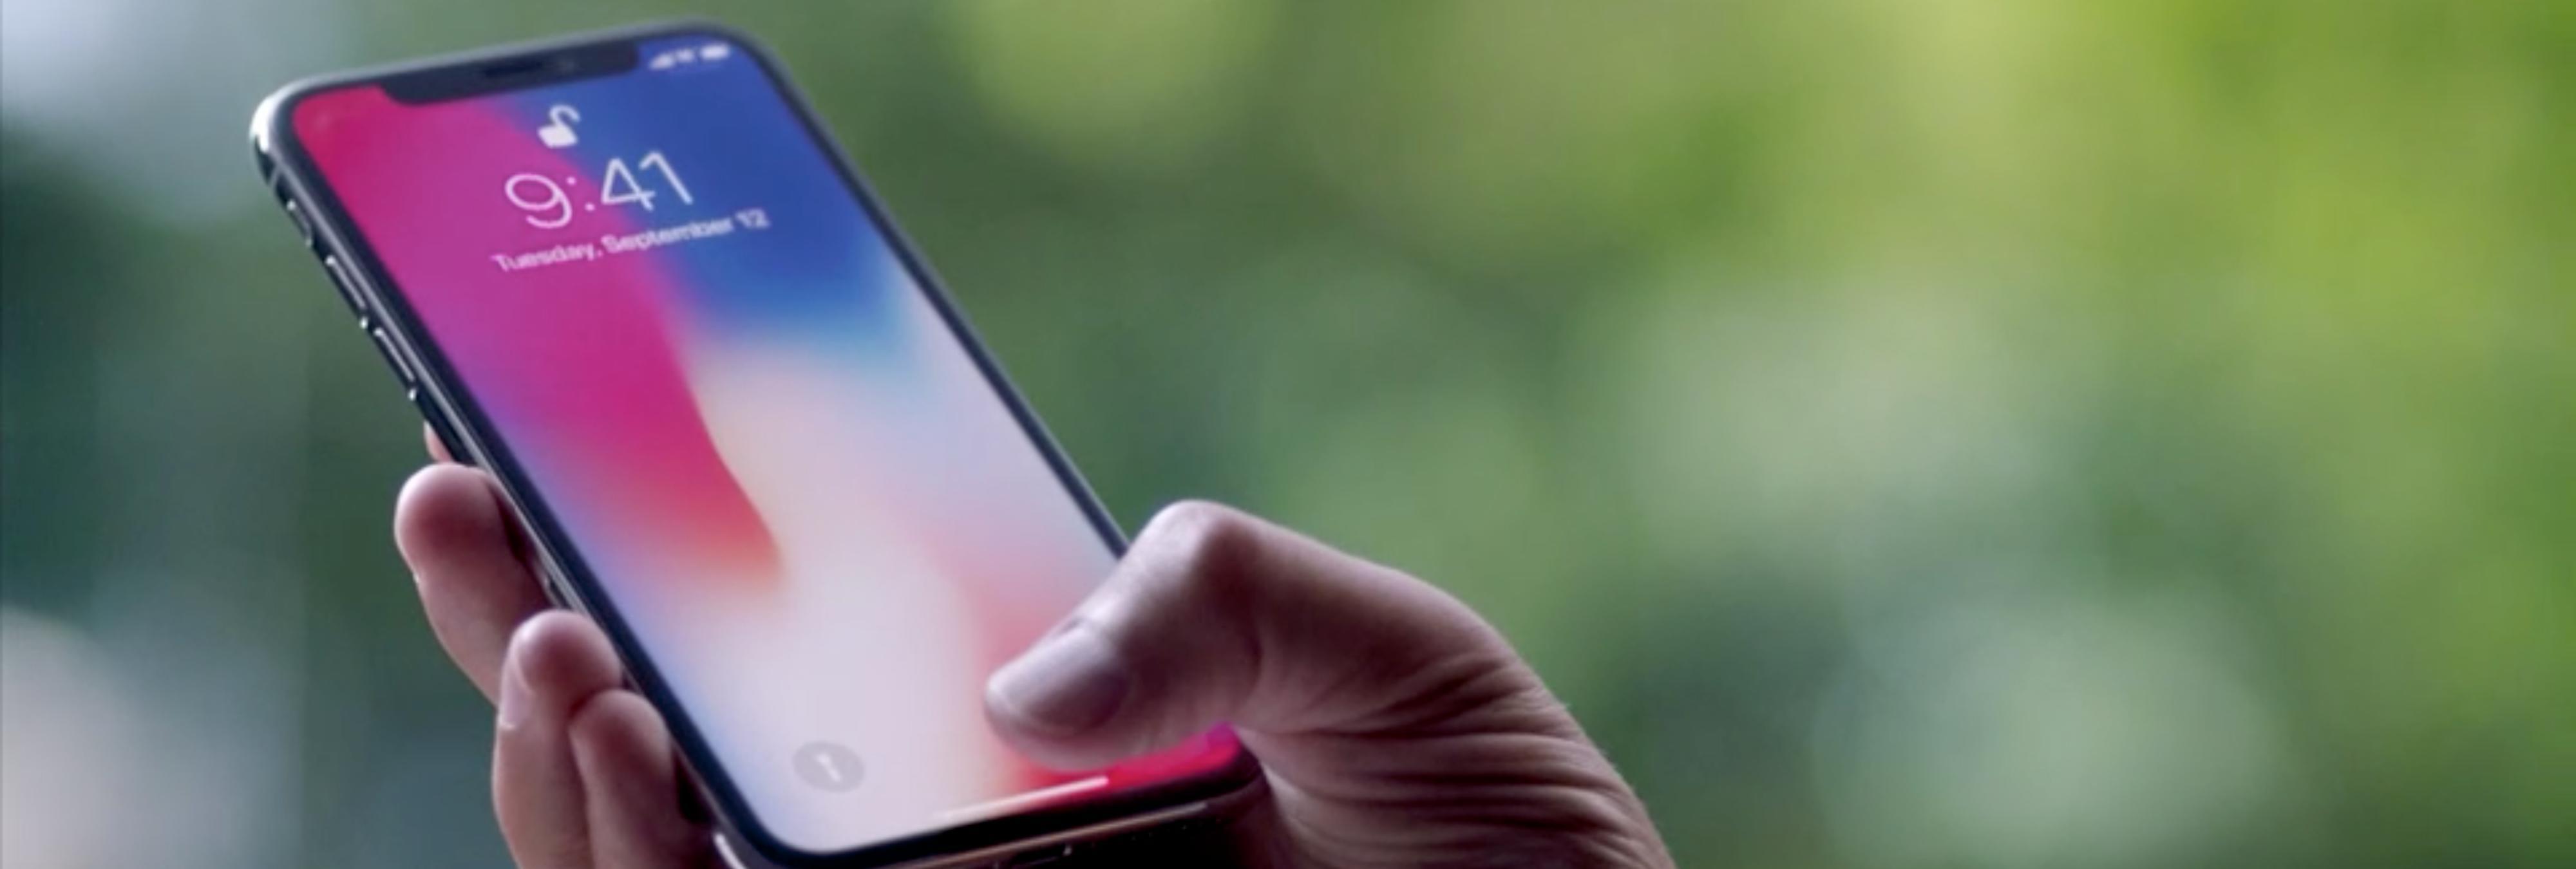 Si tienes un iPhone X, ten cuidado: una imagen fija podría quemar su pantalla